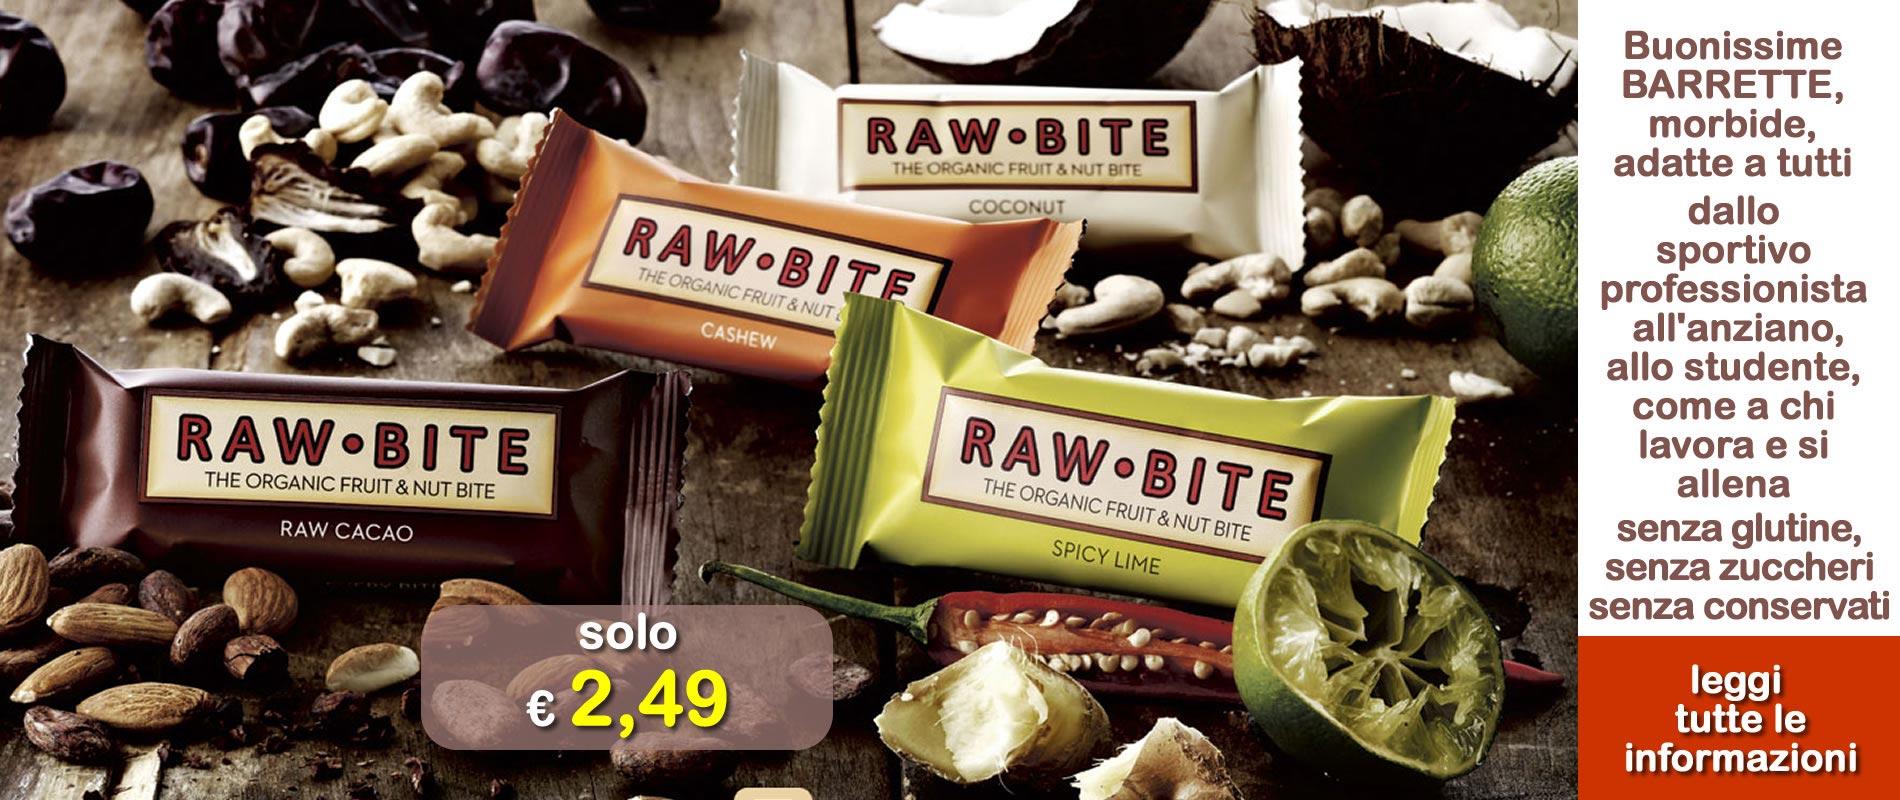 raw-bite-L